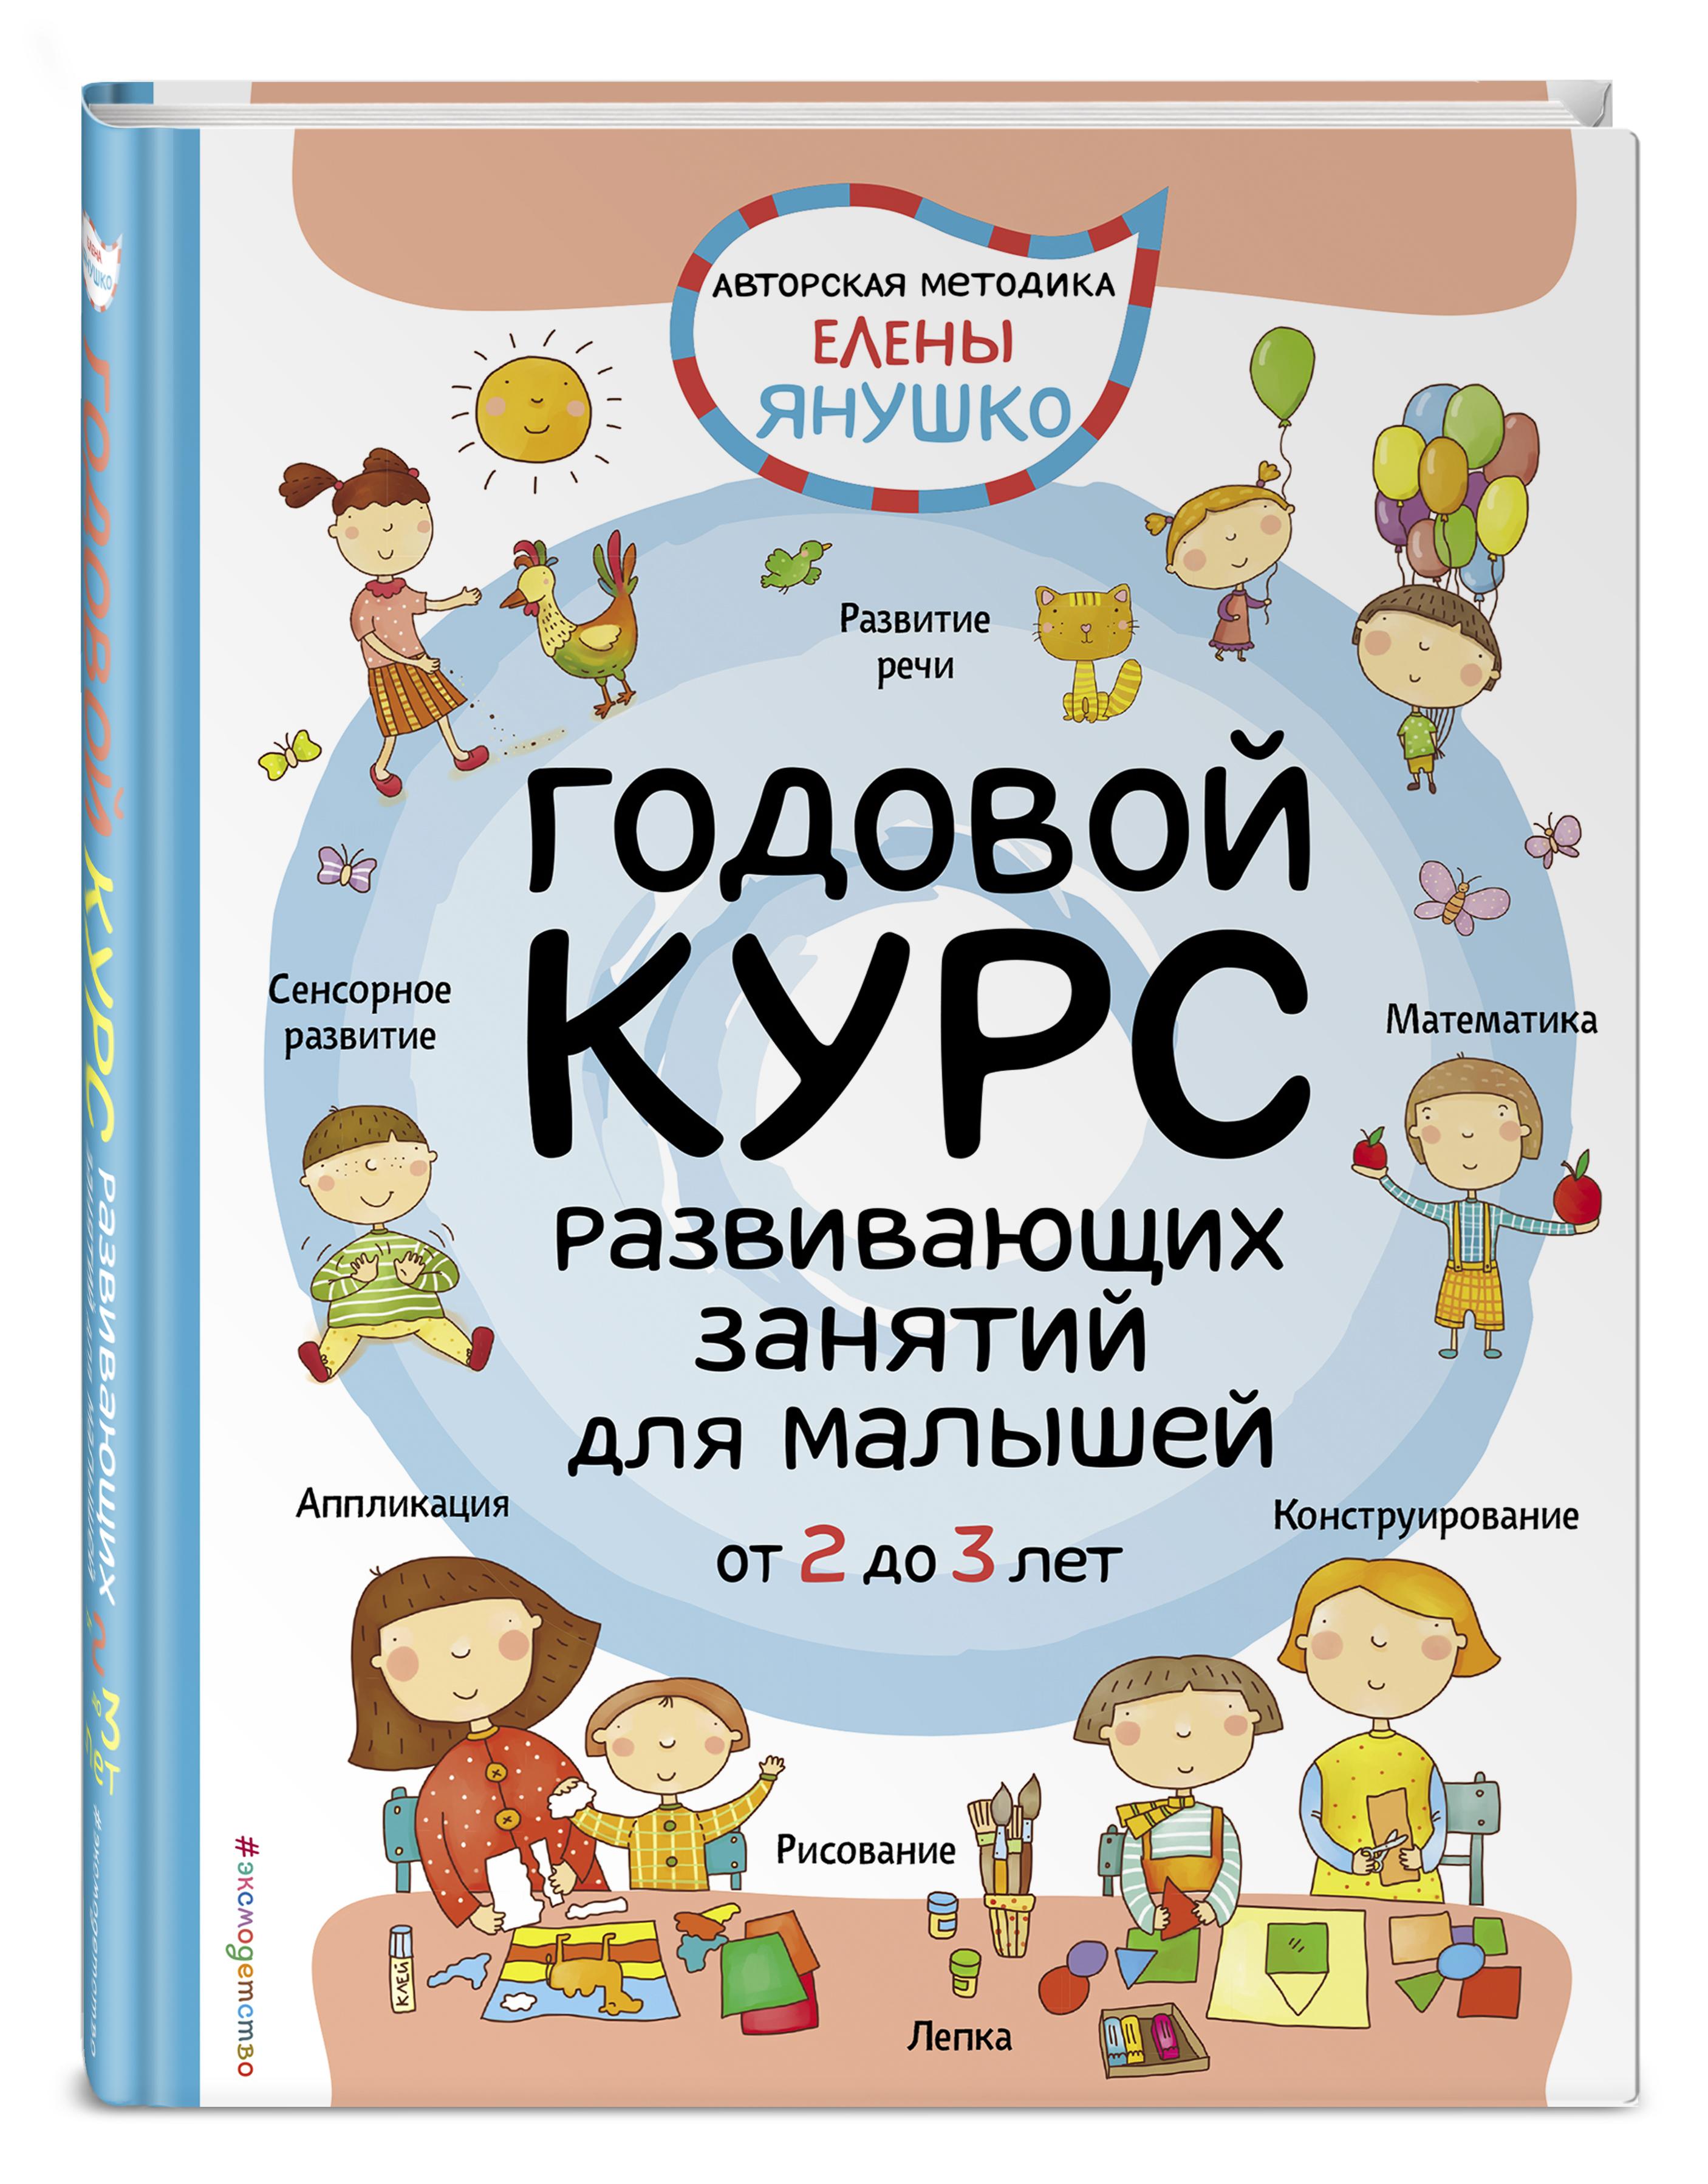 Янушко Е.А. 2+ Годовой курс развивающих занятий для малышей от 2 до 3 лет цыпленкова о разминочка зарядочка с песенками от 0 до 2 лет уникальный курс гимнастики для вашего малыша